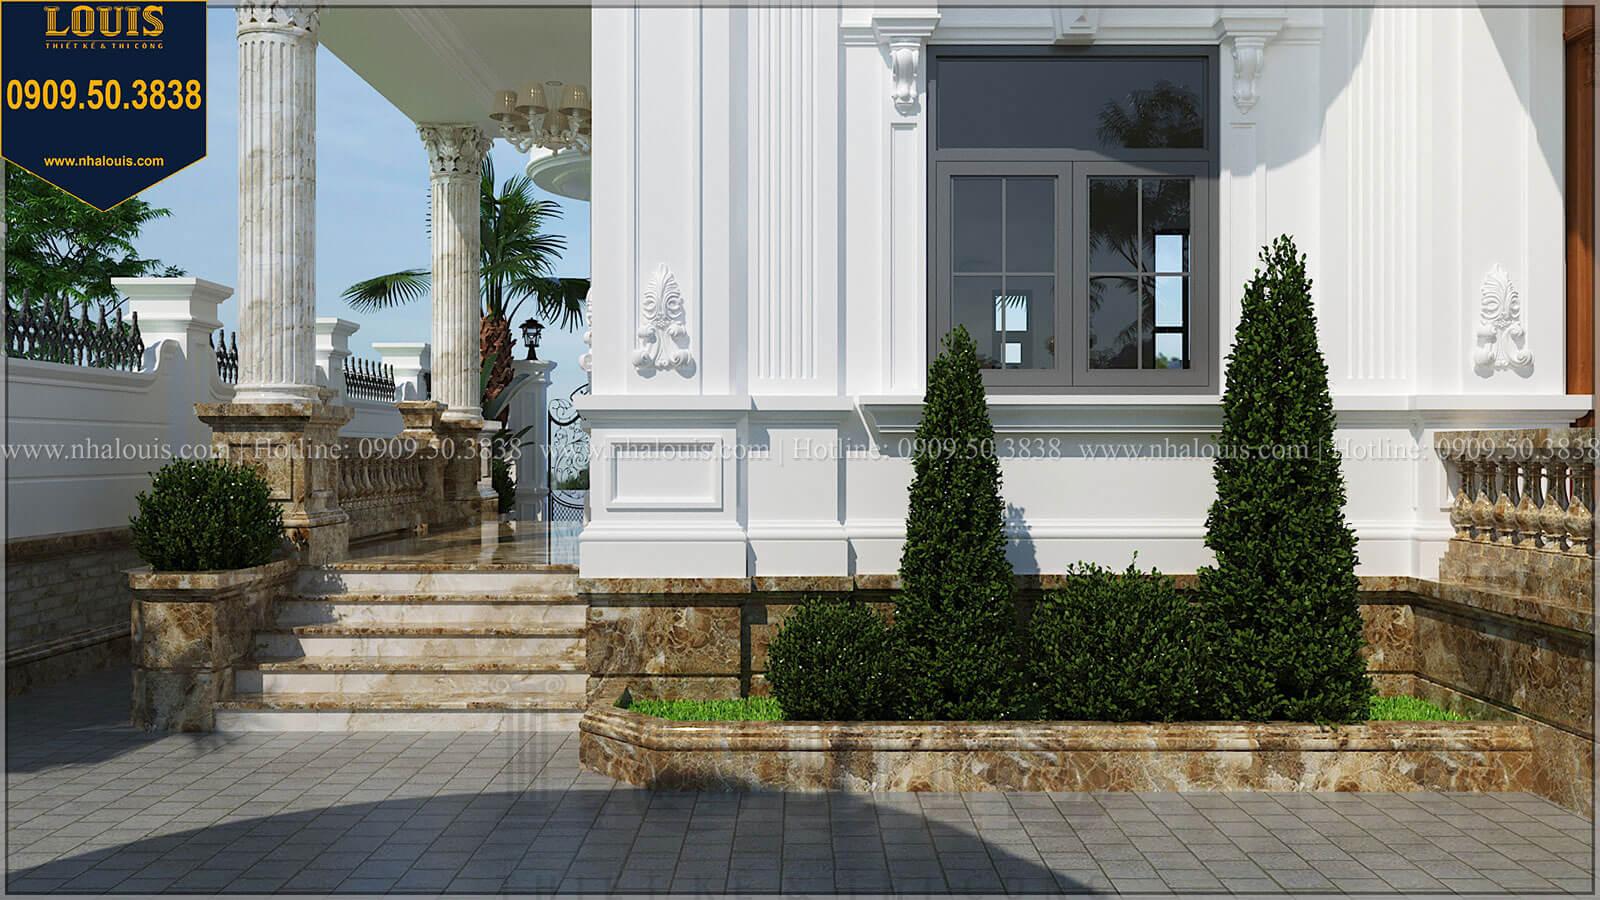 Sân vườn Biệt thự đẹp 3 tầng phong cách cổ điển bề thế tại Quảng Ngãi - 10